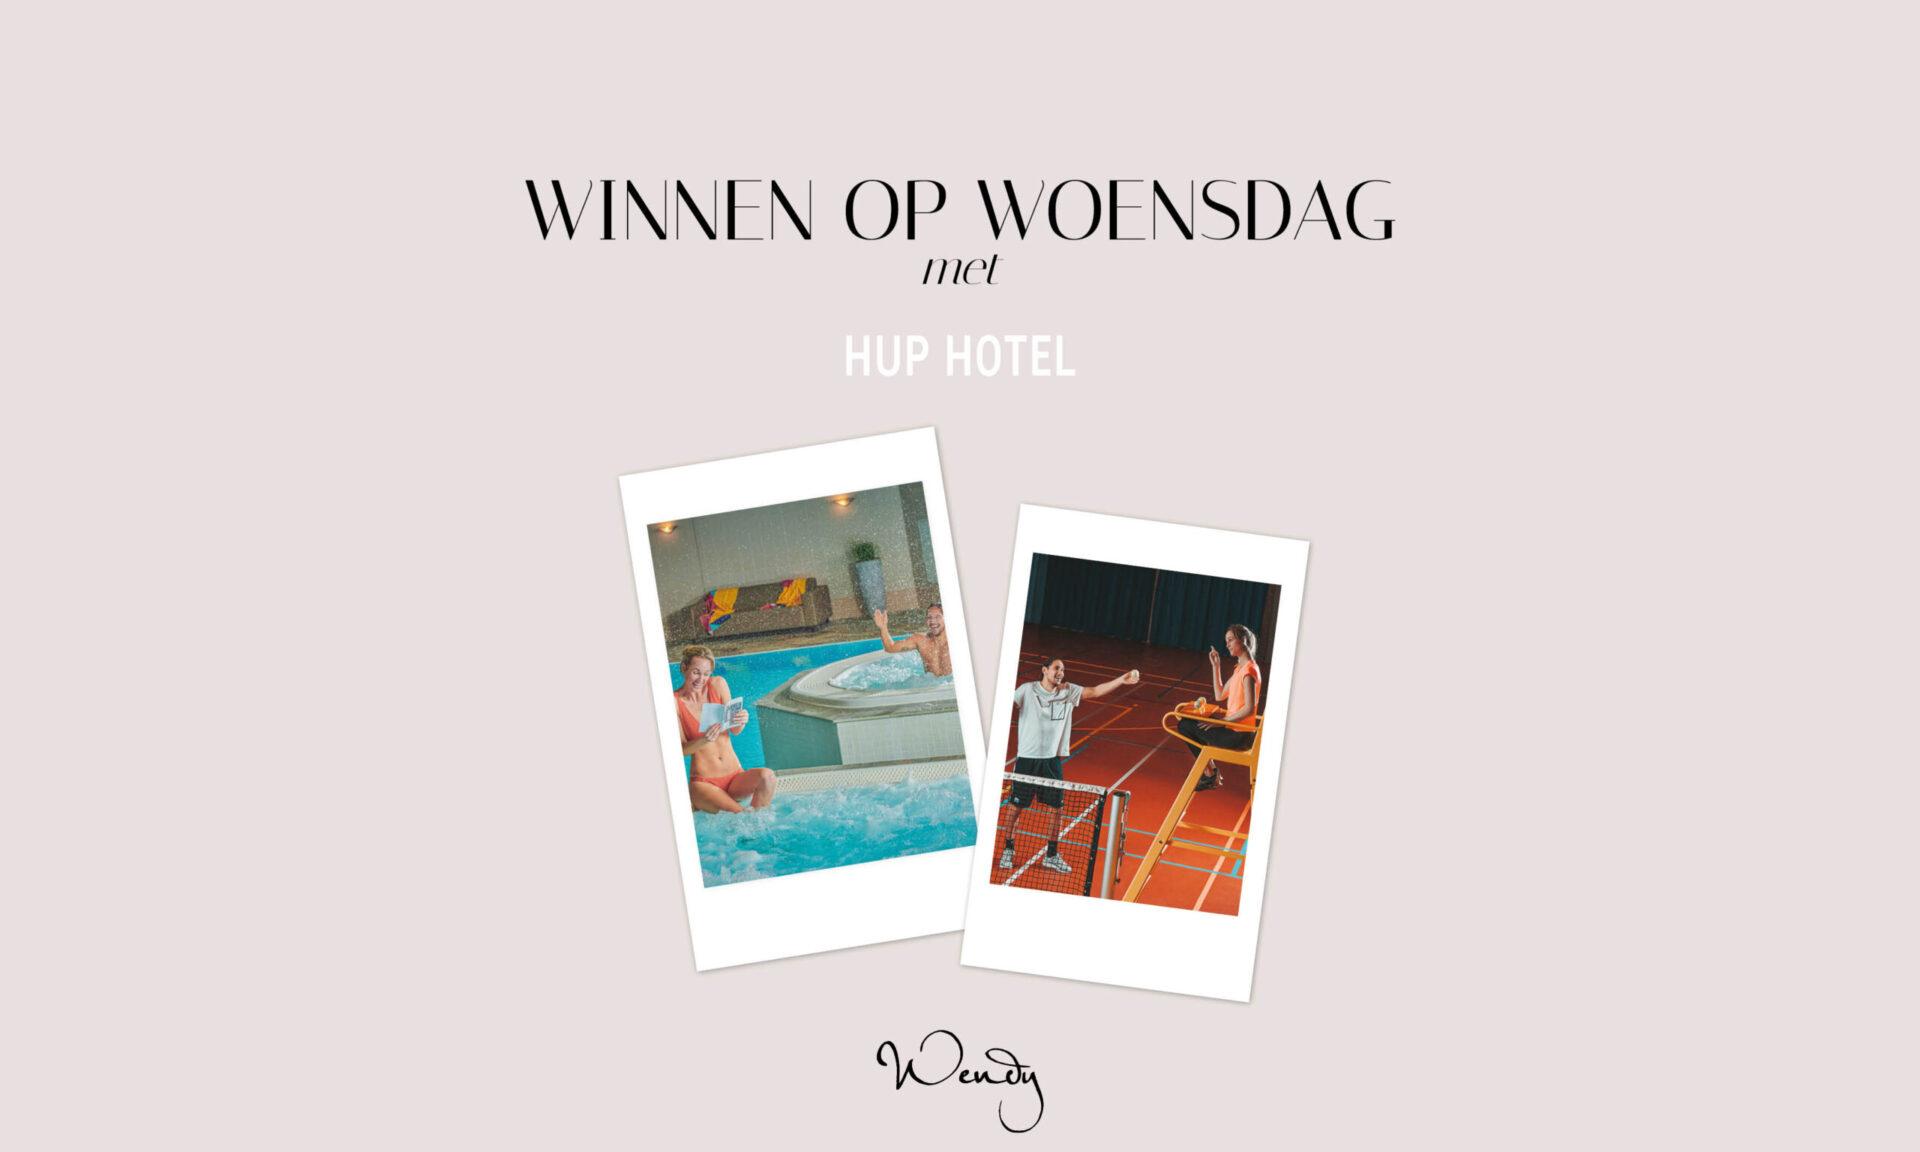 Header Hup hotel scaled Winnen op woensdag: een overnachting voor energieke koppels in het HUP hotel!